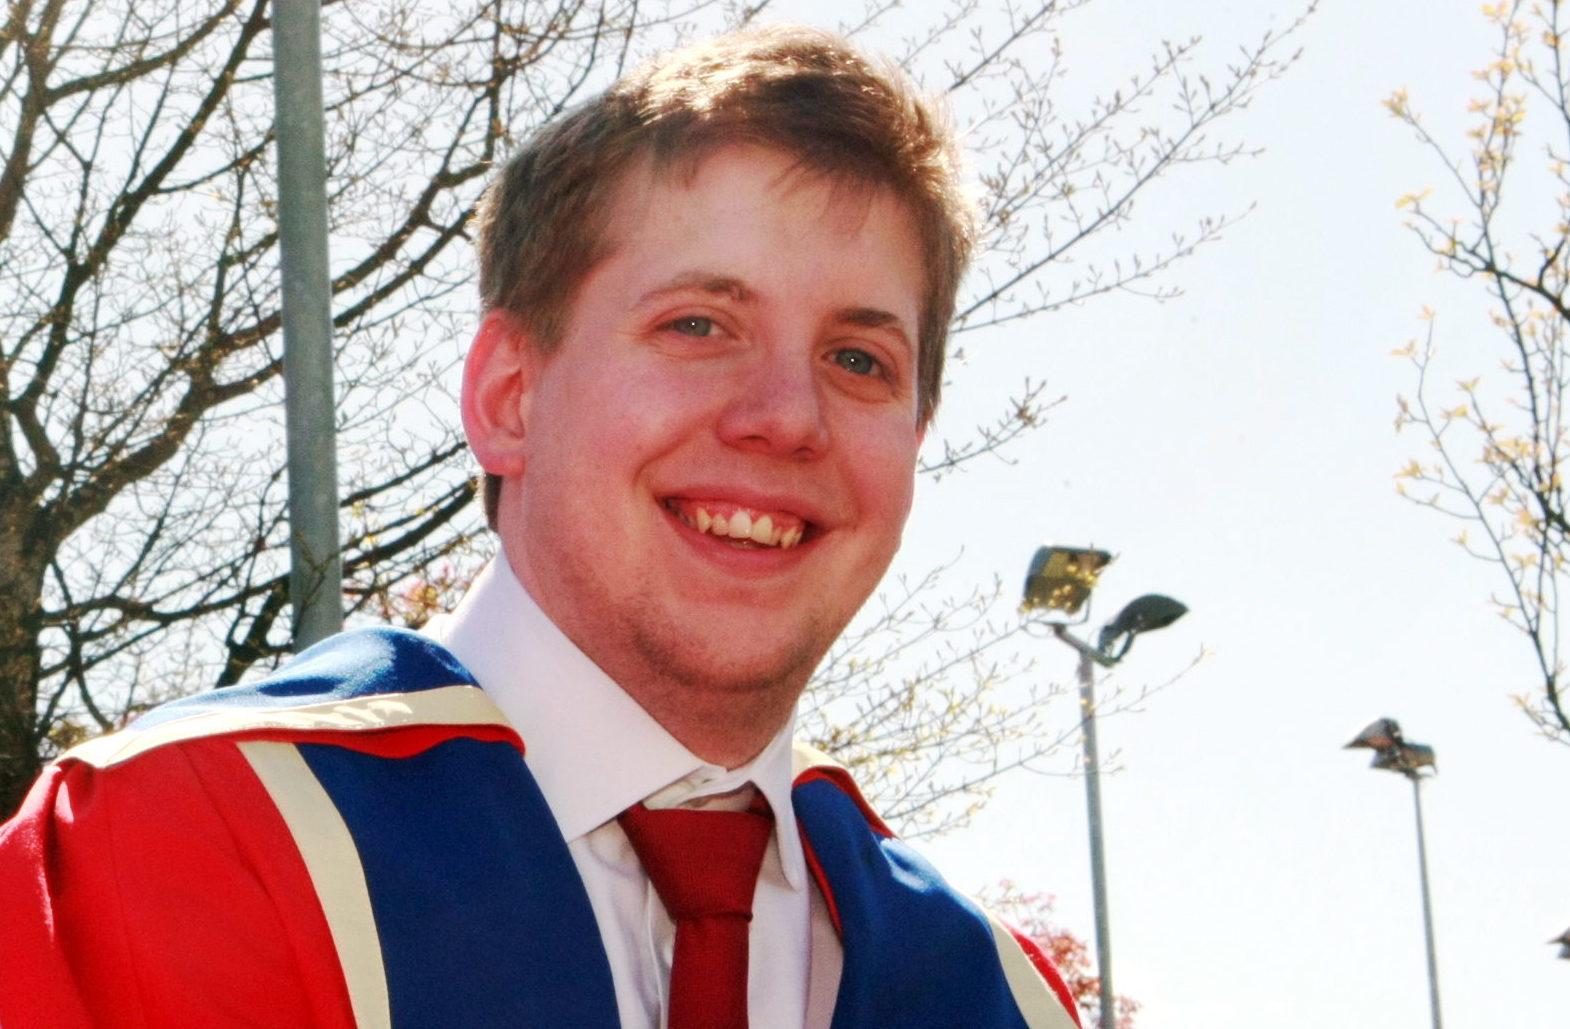 Tim Hustler during his time at Dundee University.